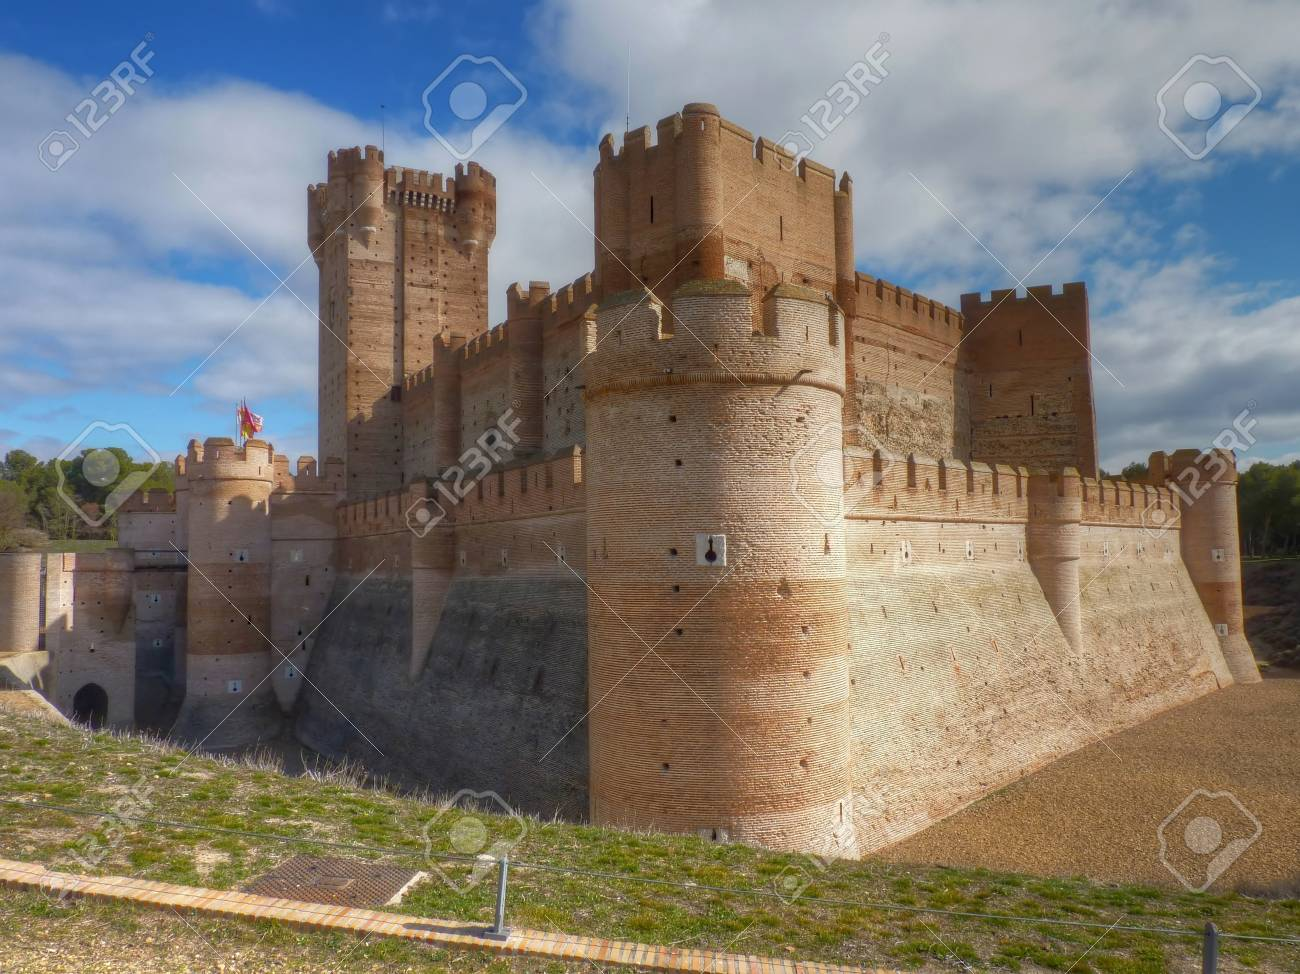 Castillo De La Mota Medina Del Campo Valladolid